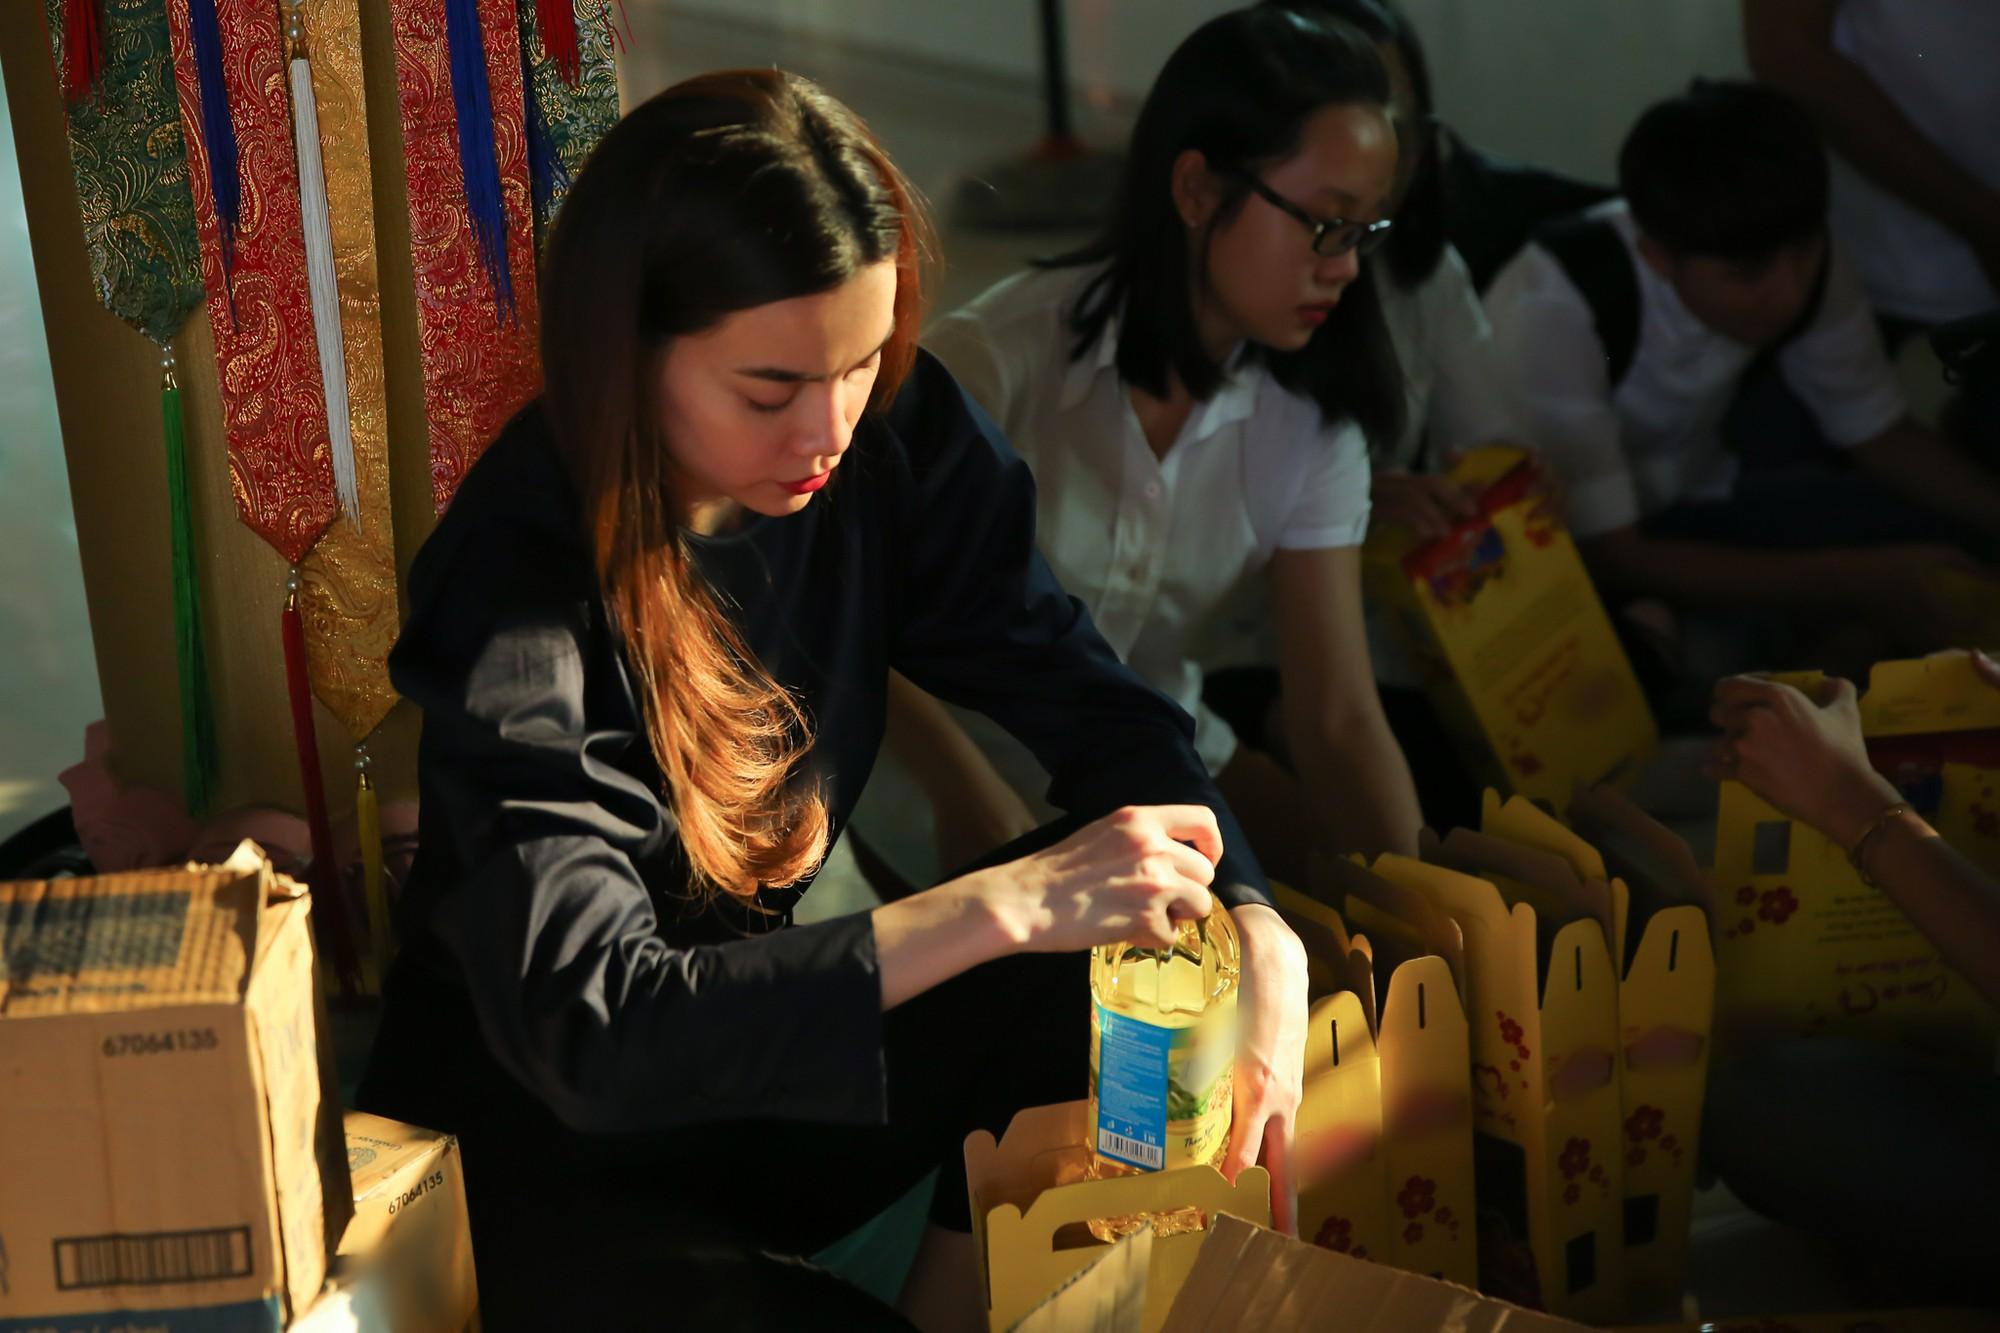 Hồ Ngọc Hà dành cả ngày làm từ thiện, đi xe máy trao quà Tết cho người vô gia cư lúc nửa đêm - Ảnh 2.